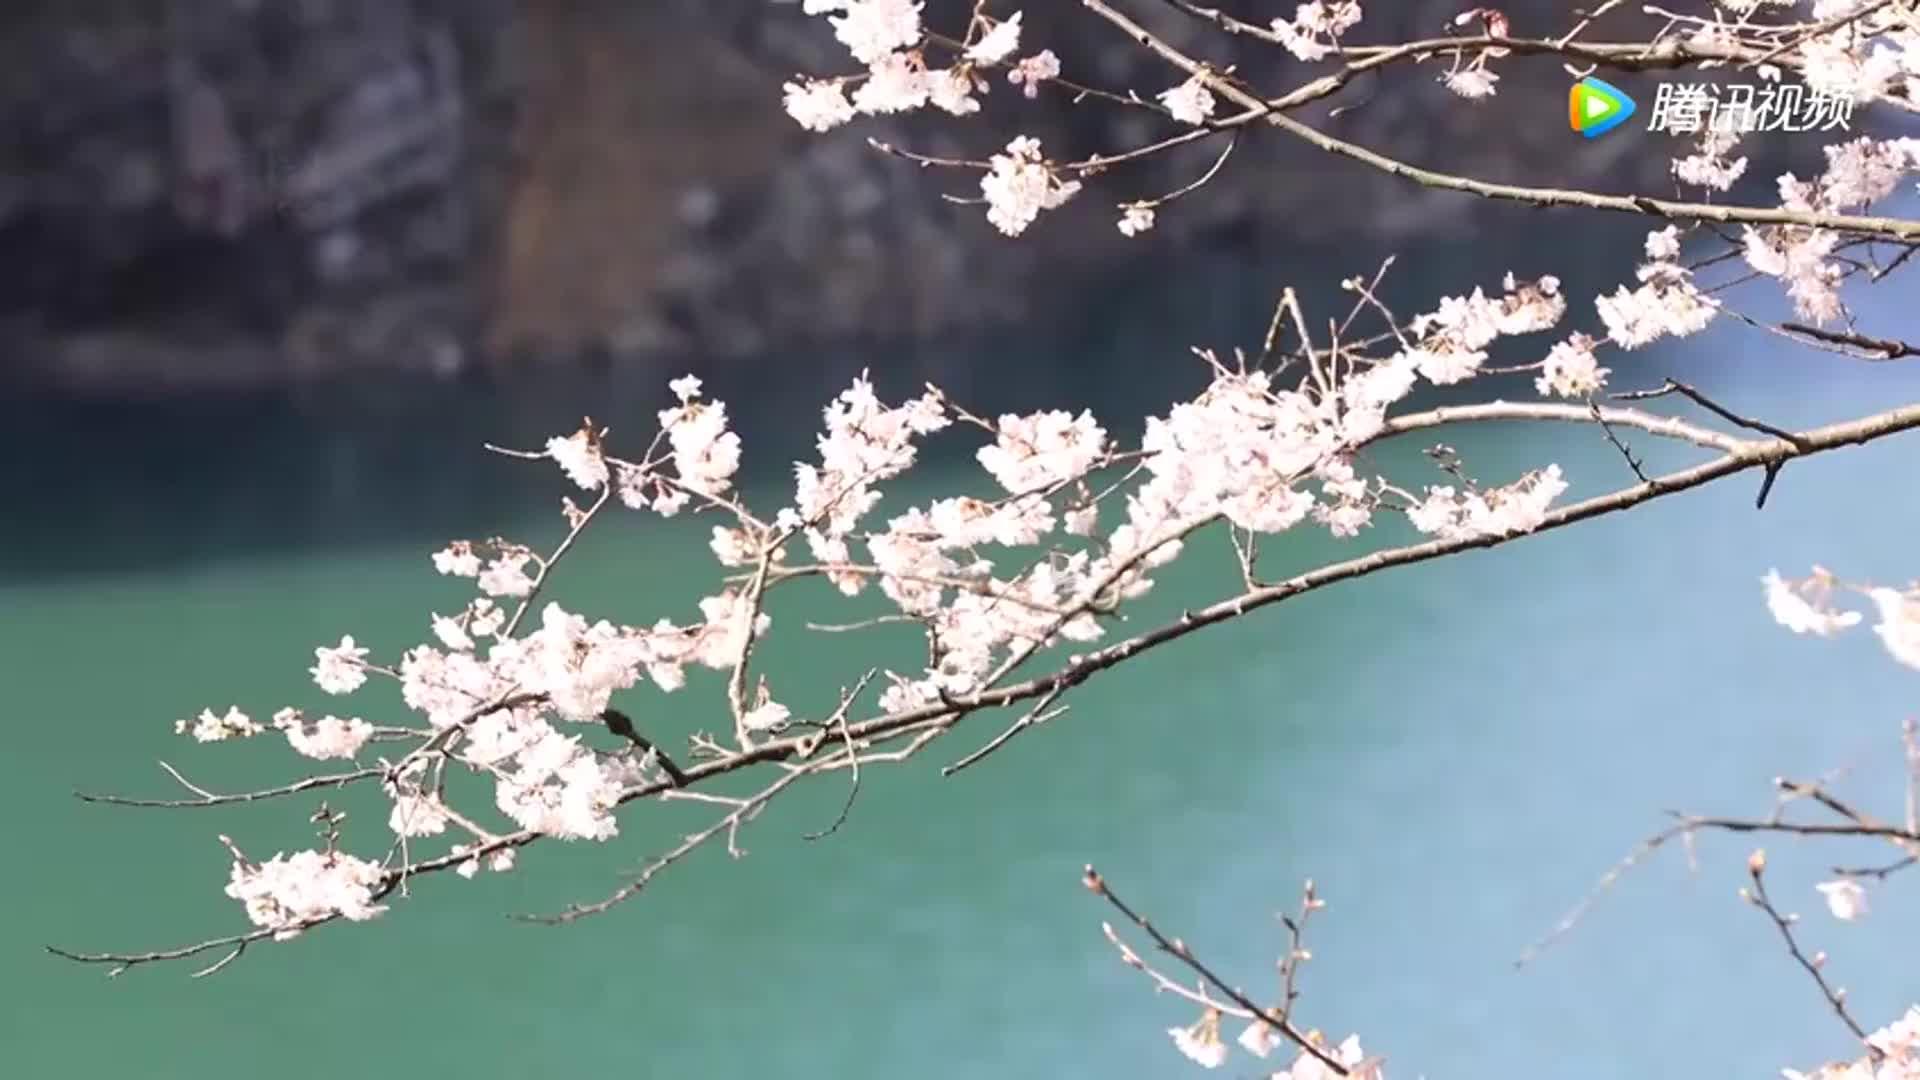 [视频]十里画廊里的樱花雨